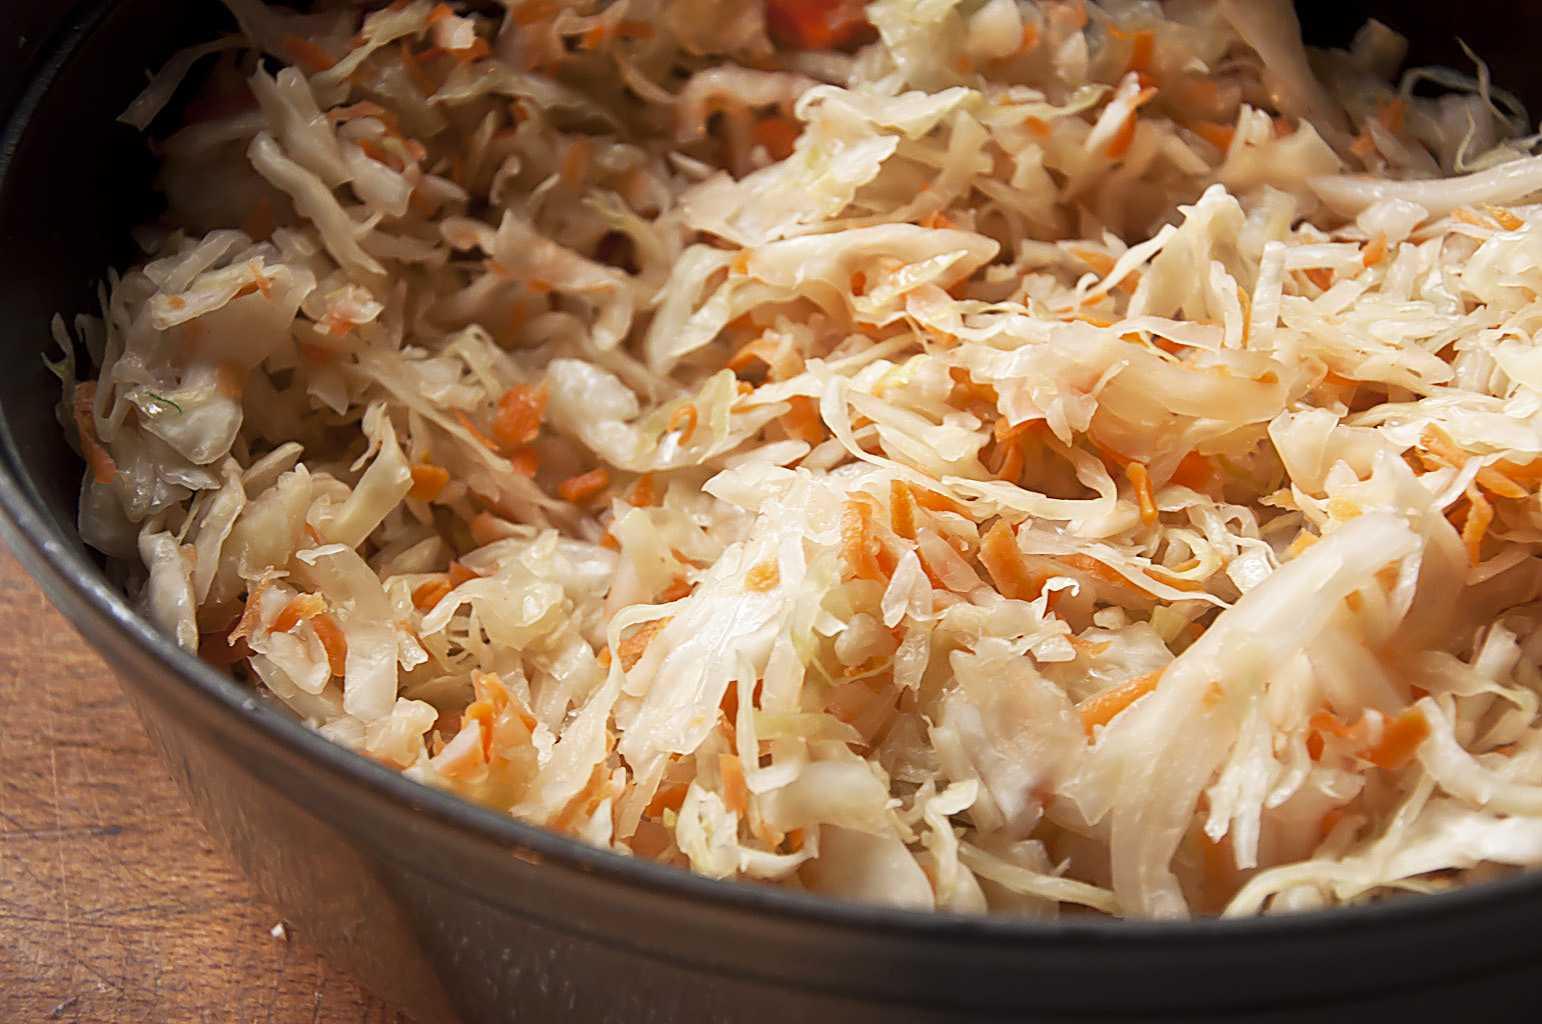 время блюда из кислой капусты рецепты с фото сделать